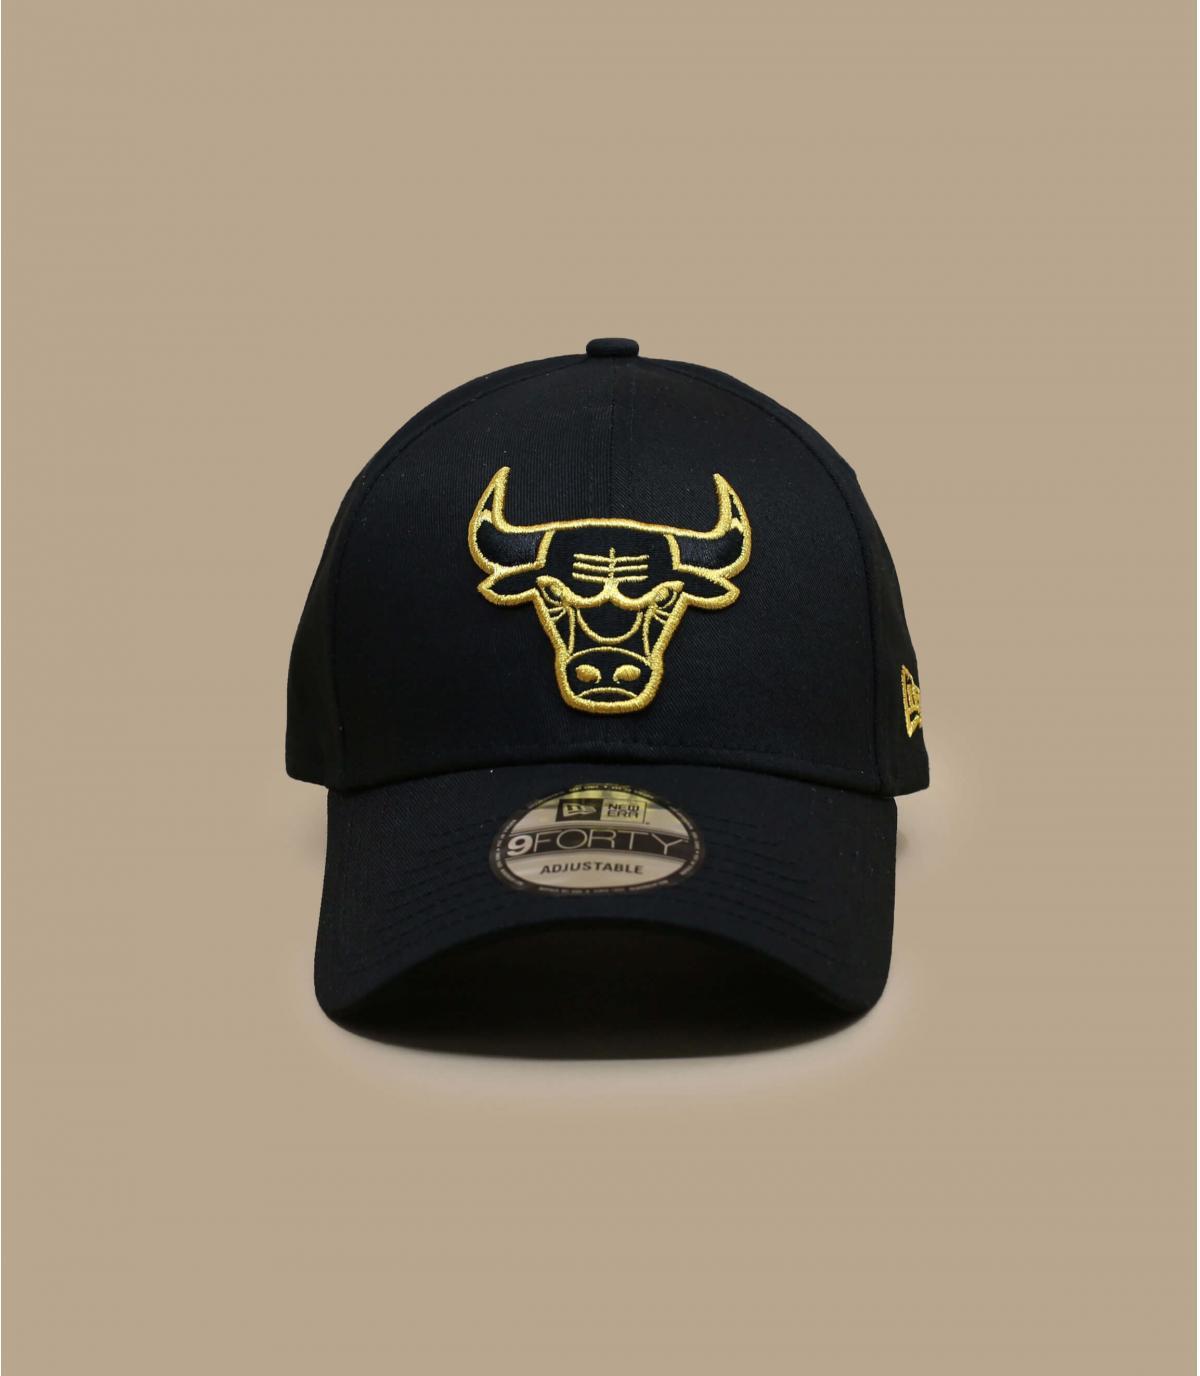 Détails Casquette Metallic Logo 940 Bulls black gold - image 2